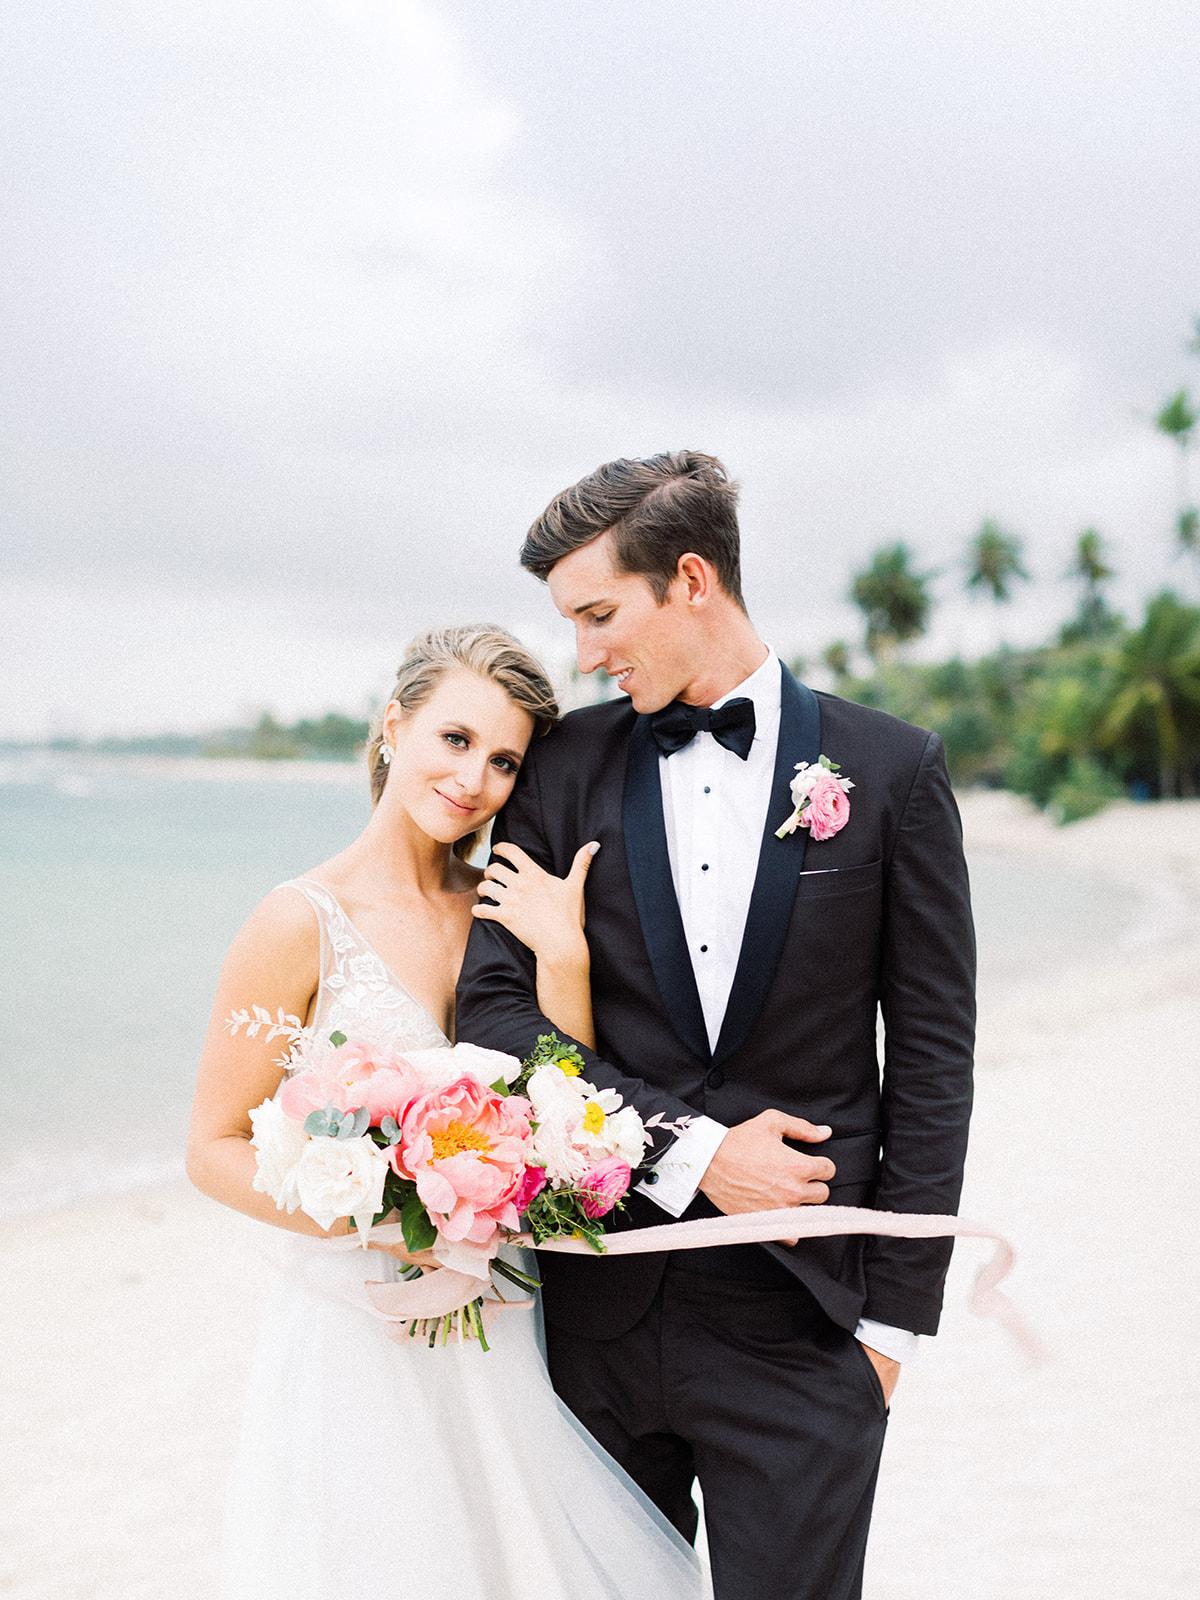 Tropical wedding photos: Beach Wedding Inspiration | Dominican Republic